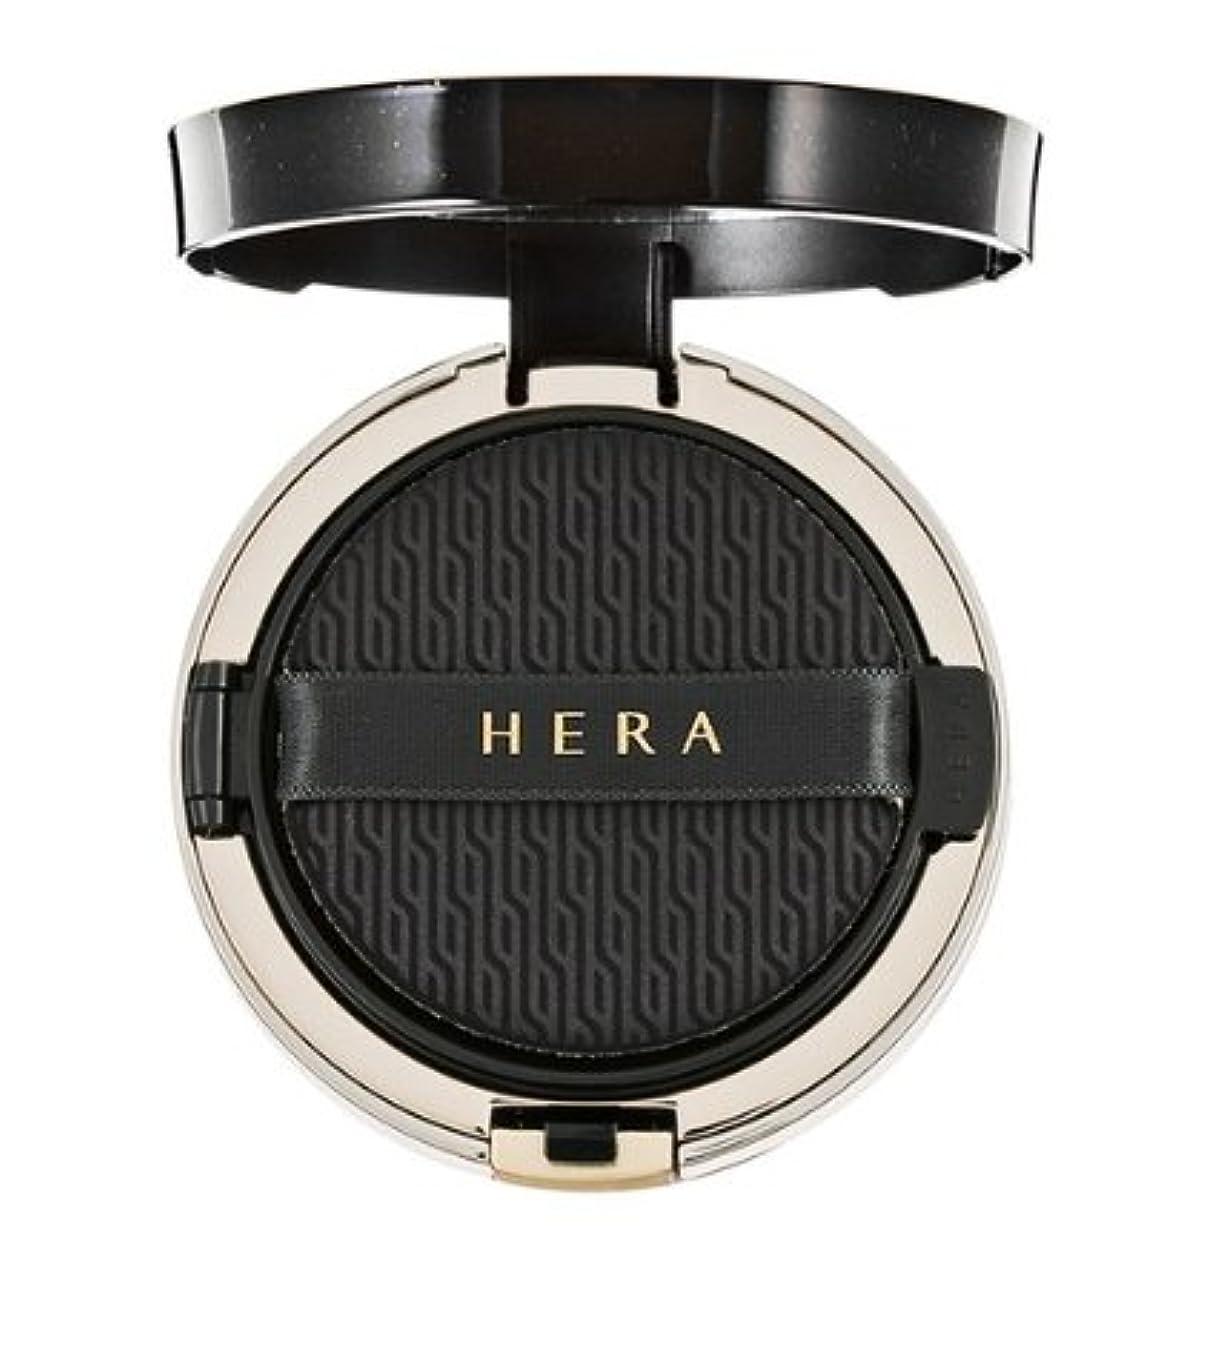 音節銃中性(ヘラ) Hera ブラッククッション SPF34/PA++ 本品15g+リフィール15g / Black Cushion SPF34/PA++ 15g+Refil15g (No.25 ember) (韓国直発送) shumaman